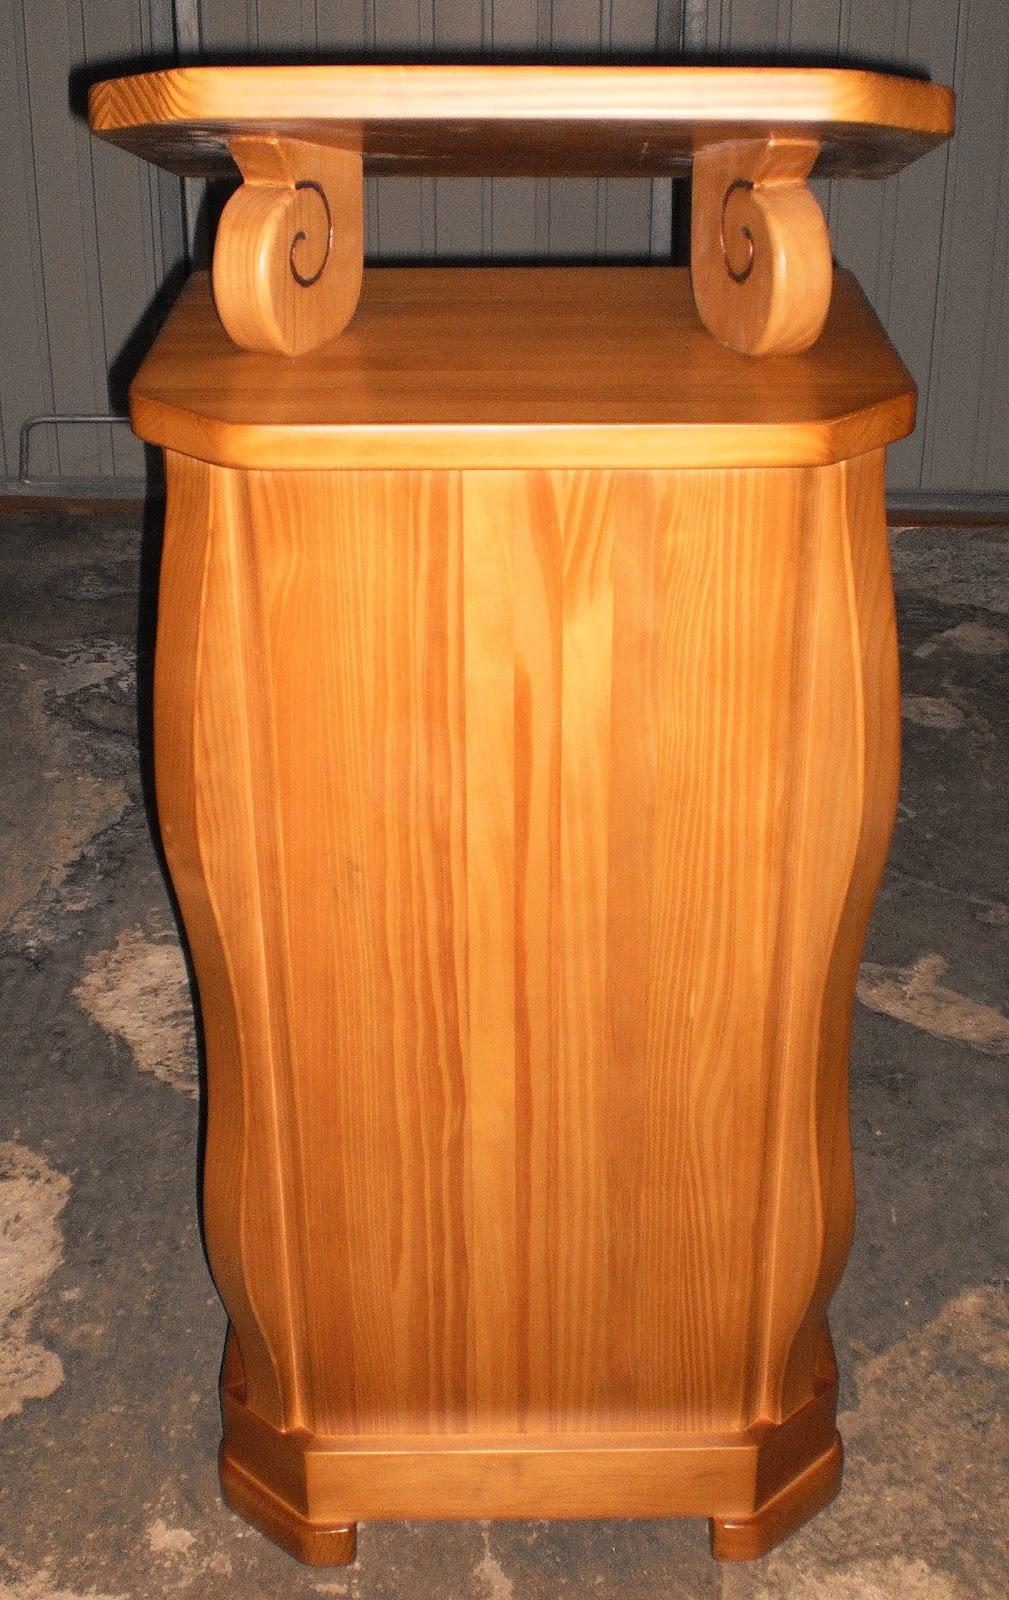 Fabrica de bancos de madera pauli otros trabajos for Sillas para iglesia en madera